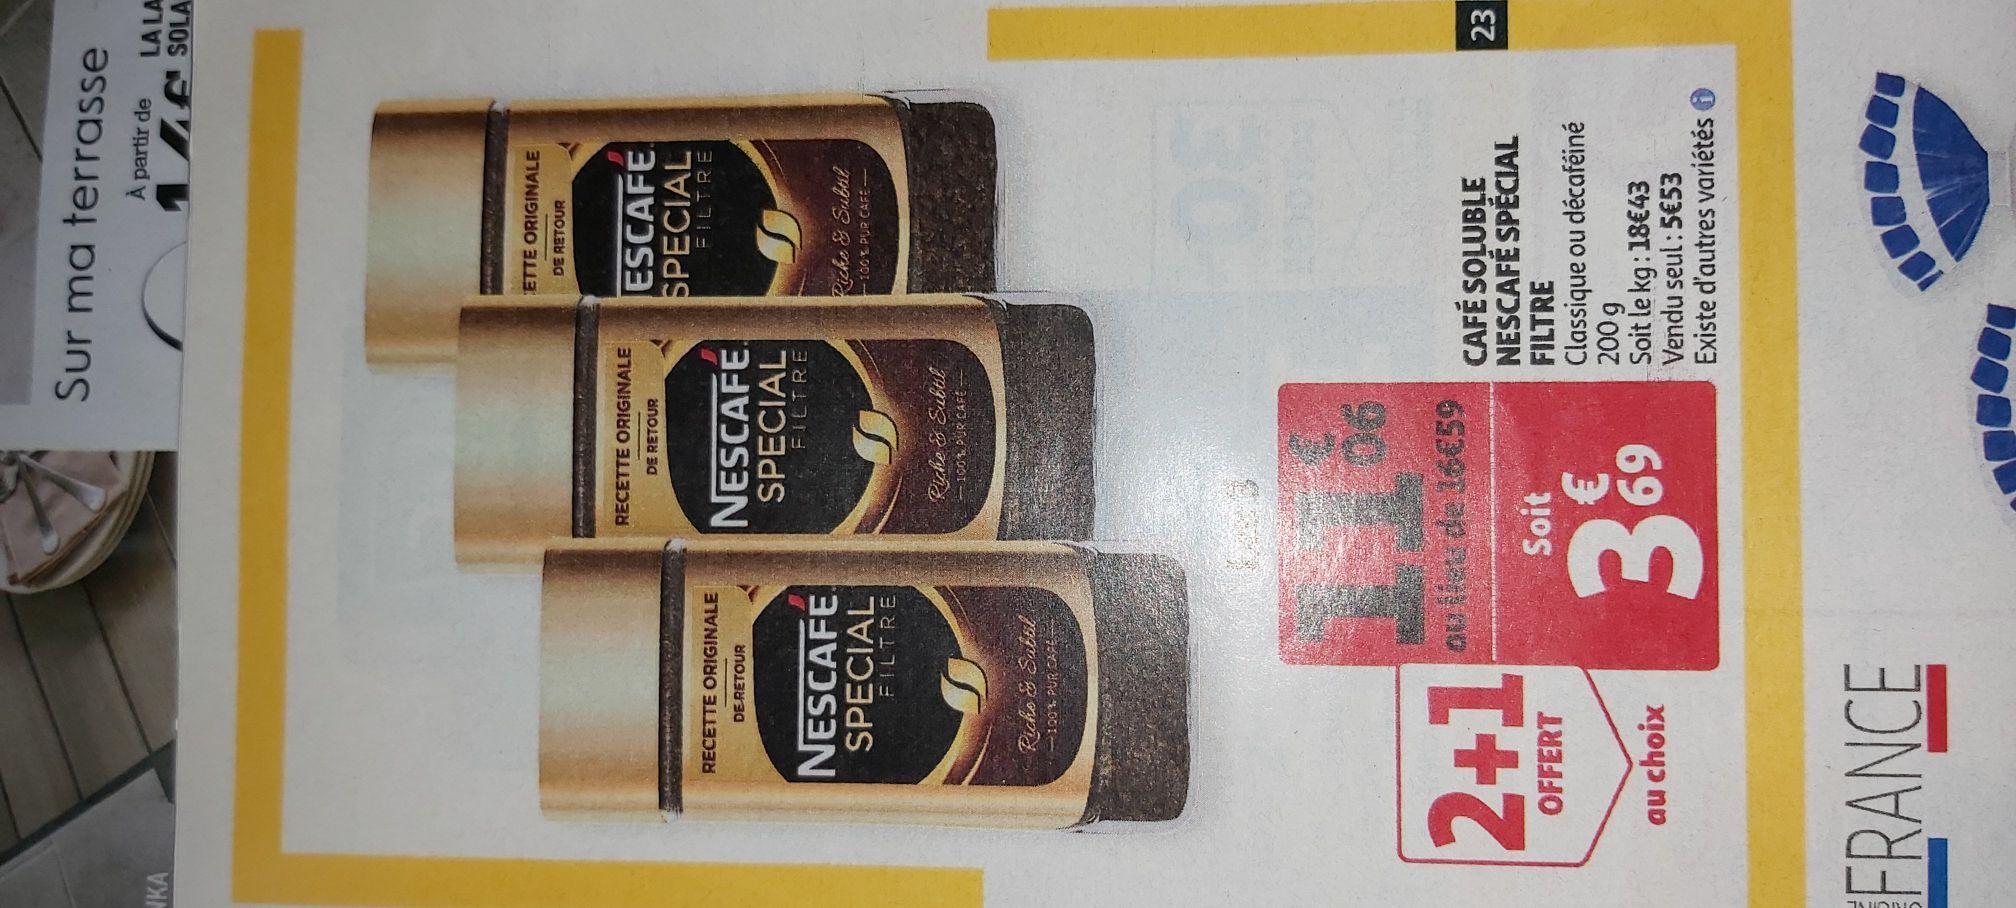 3 Flacons de café soluble Nescafé Spécial Filtre - 3 x 200g